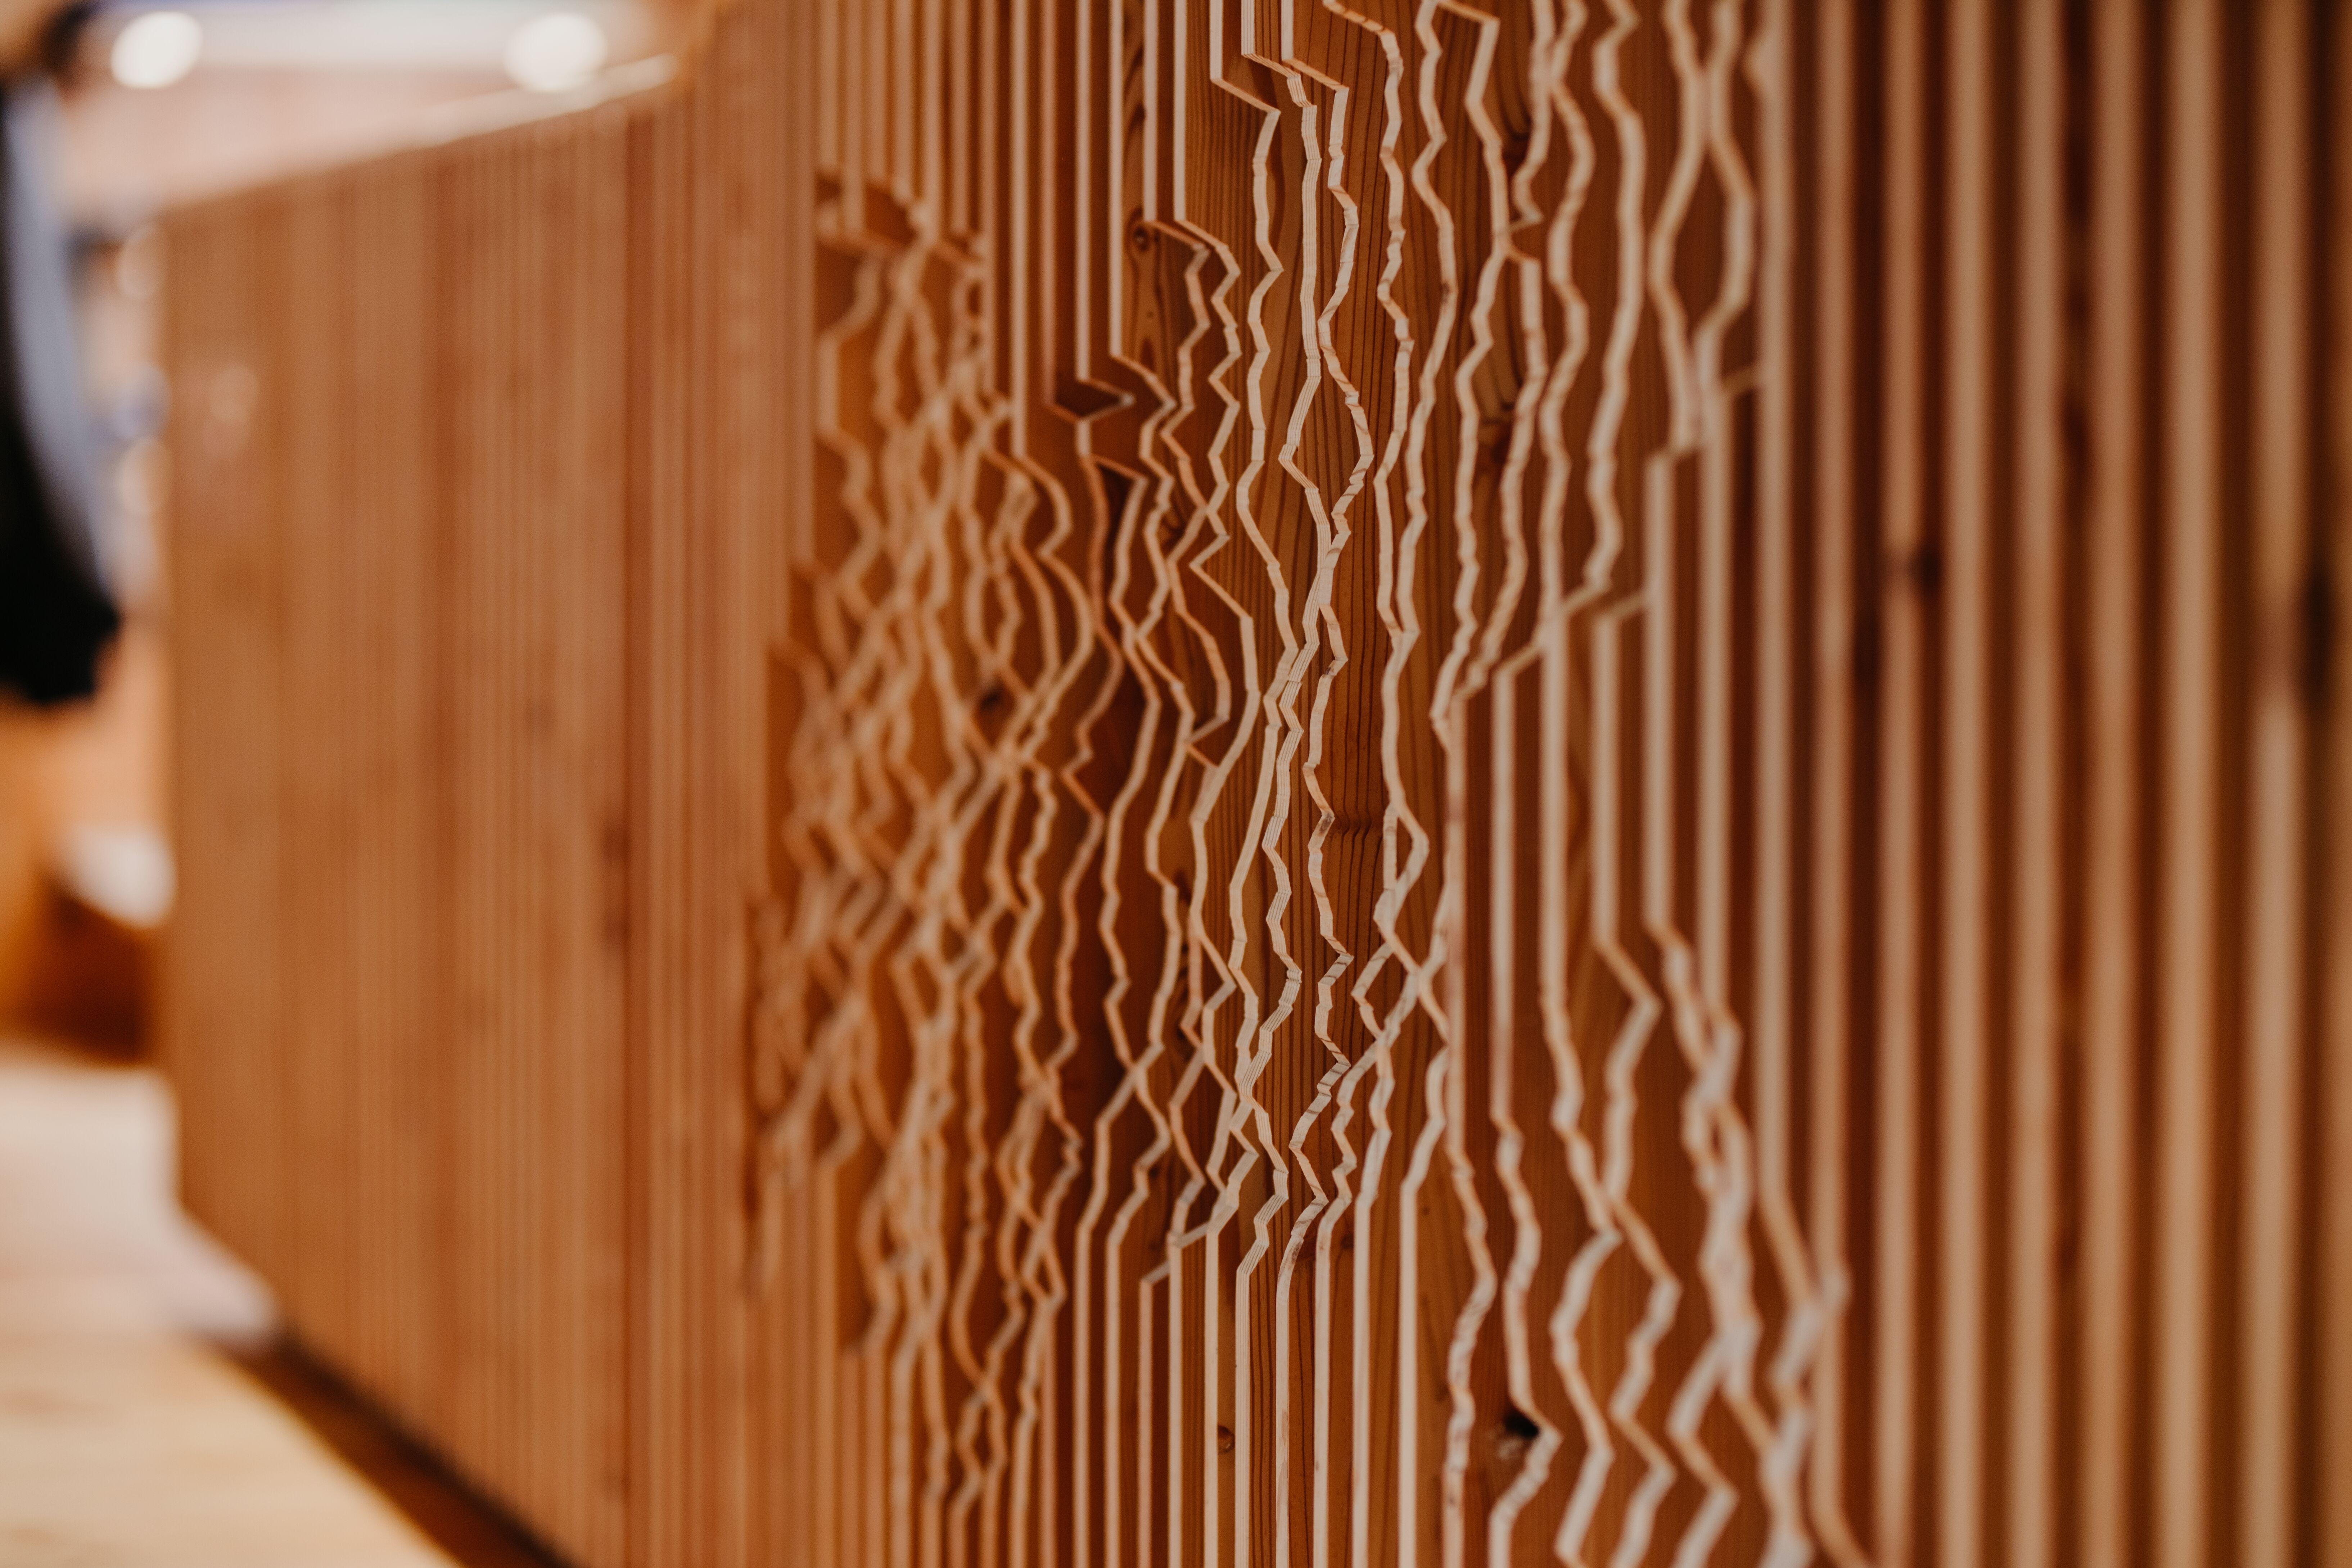 Holzwand mit Struktur